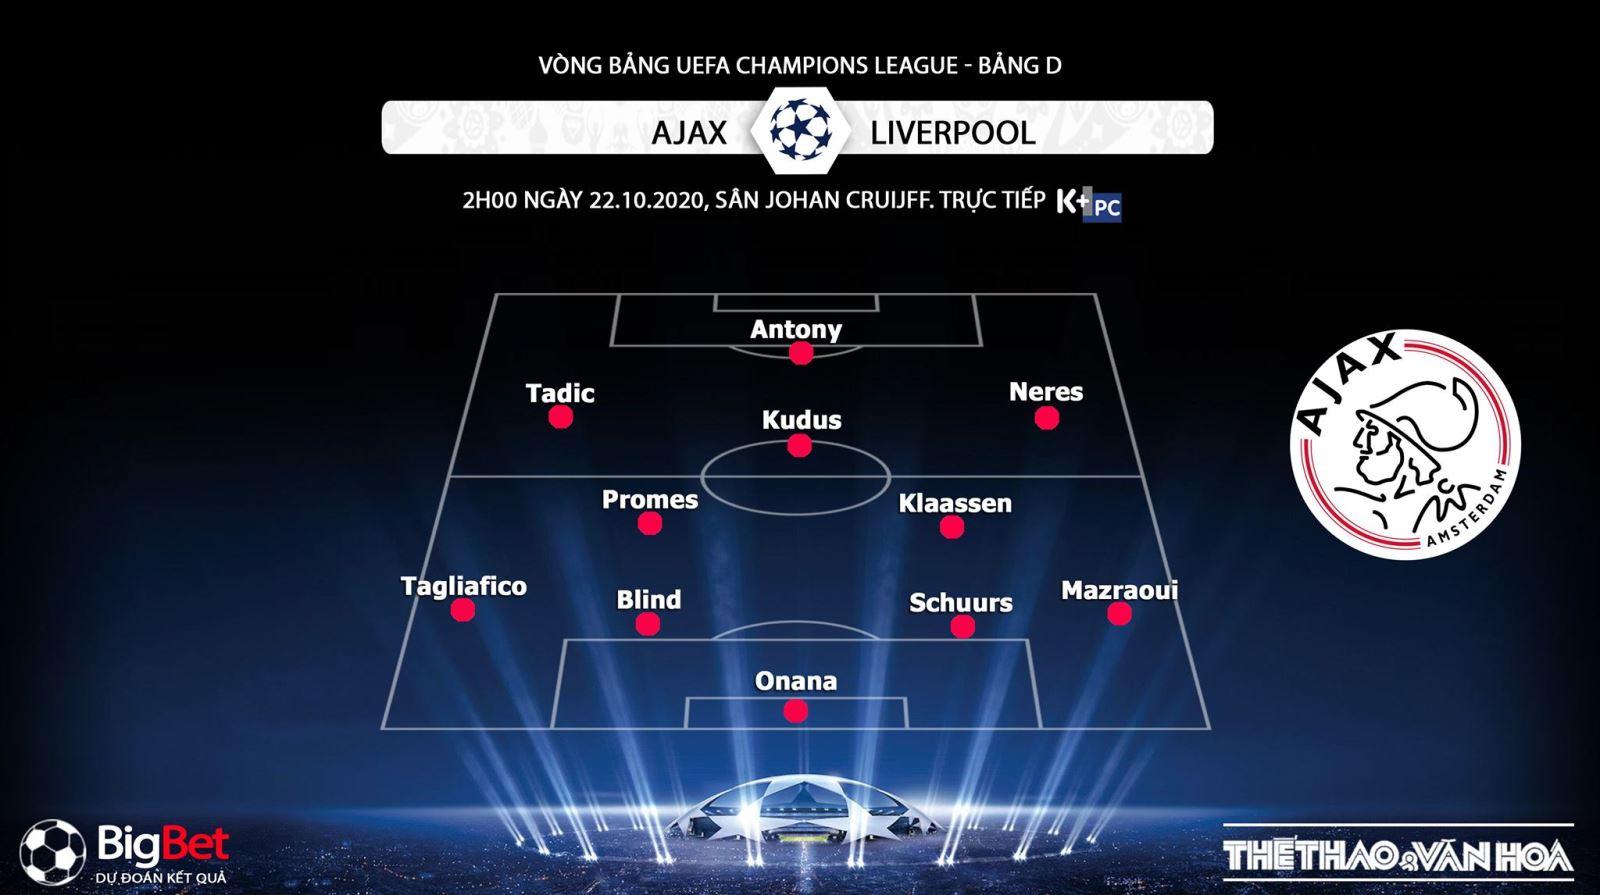 Keo nha cai, kèo nhà cái, Ajax vs Liverpool, Trực tiếp bóng đá Cúp C1 châu Âu, K+PM, trực tiếp bóng đá Liverpool đấu với Ajax, soi kèo Ajax vs Liverpool. Kèo bóng đá